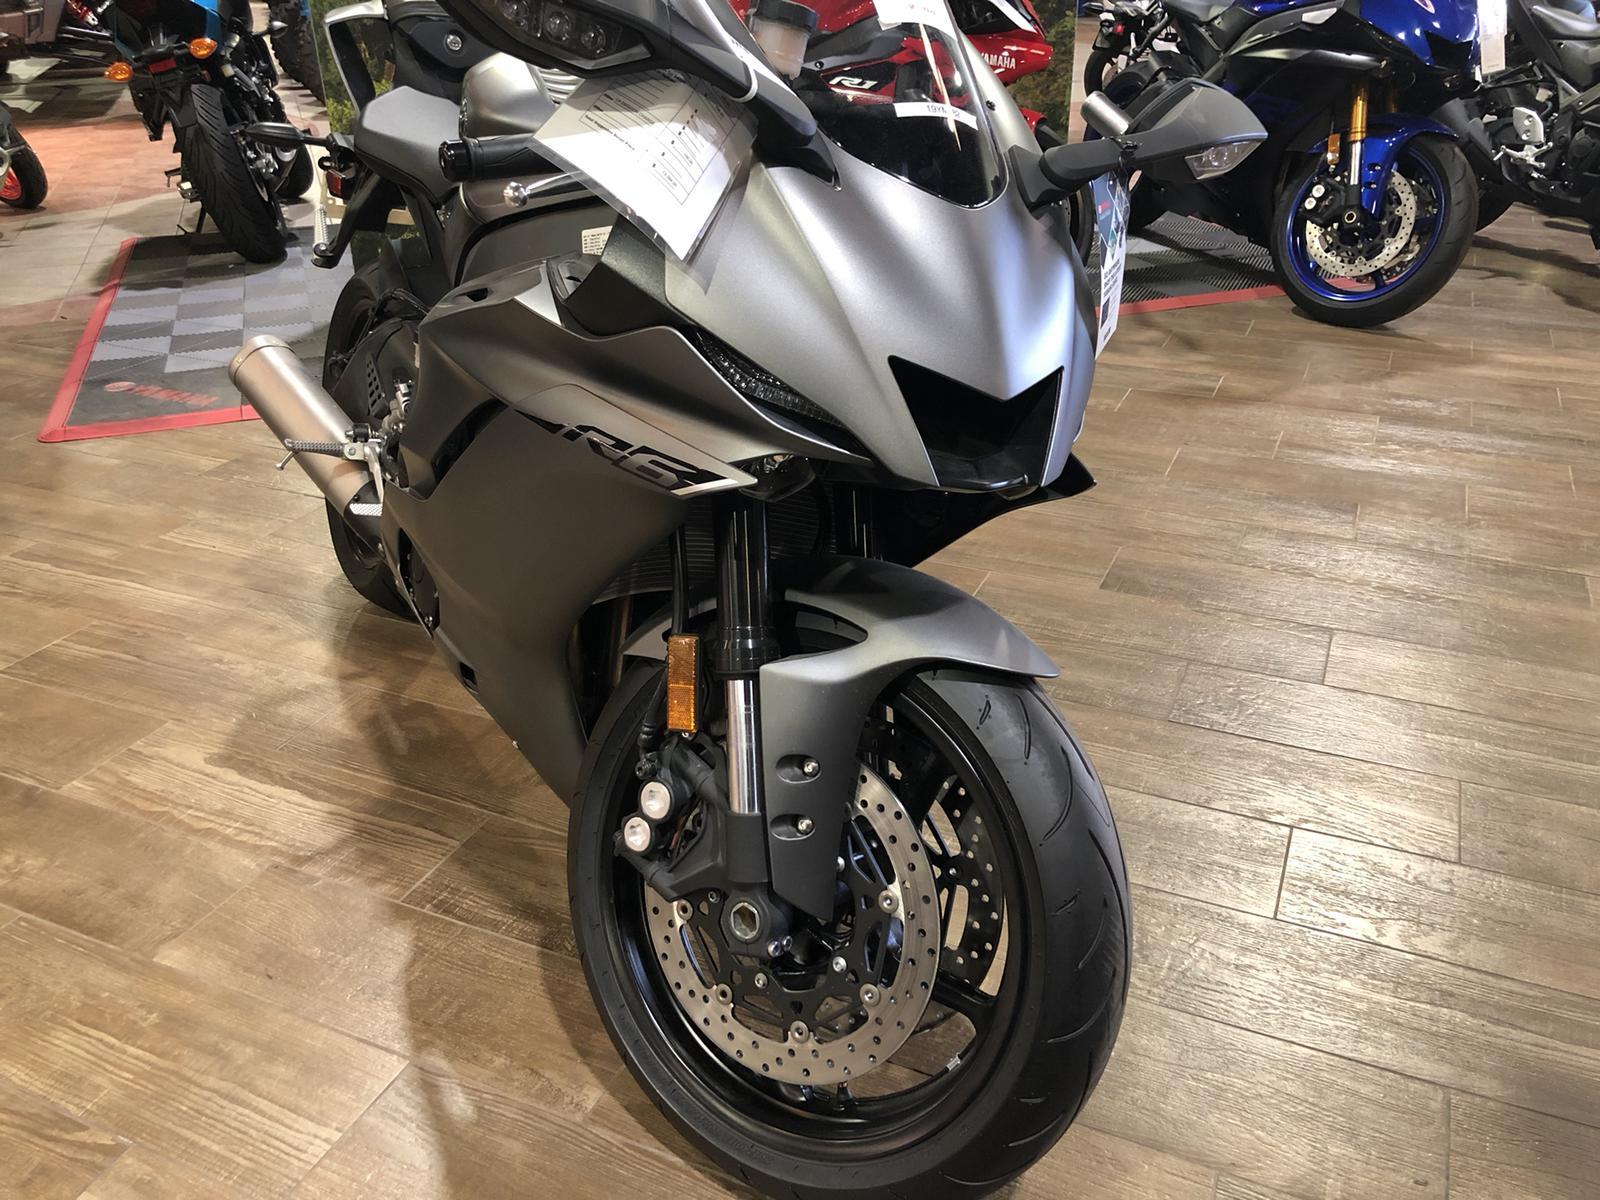 Yamaha r6 2019